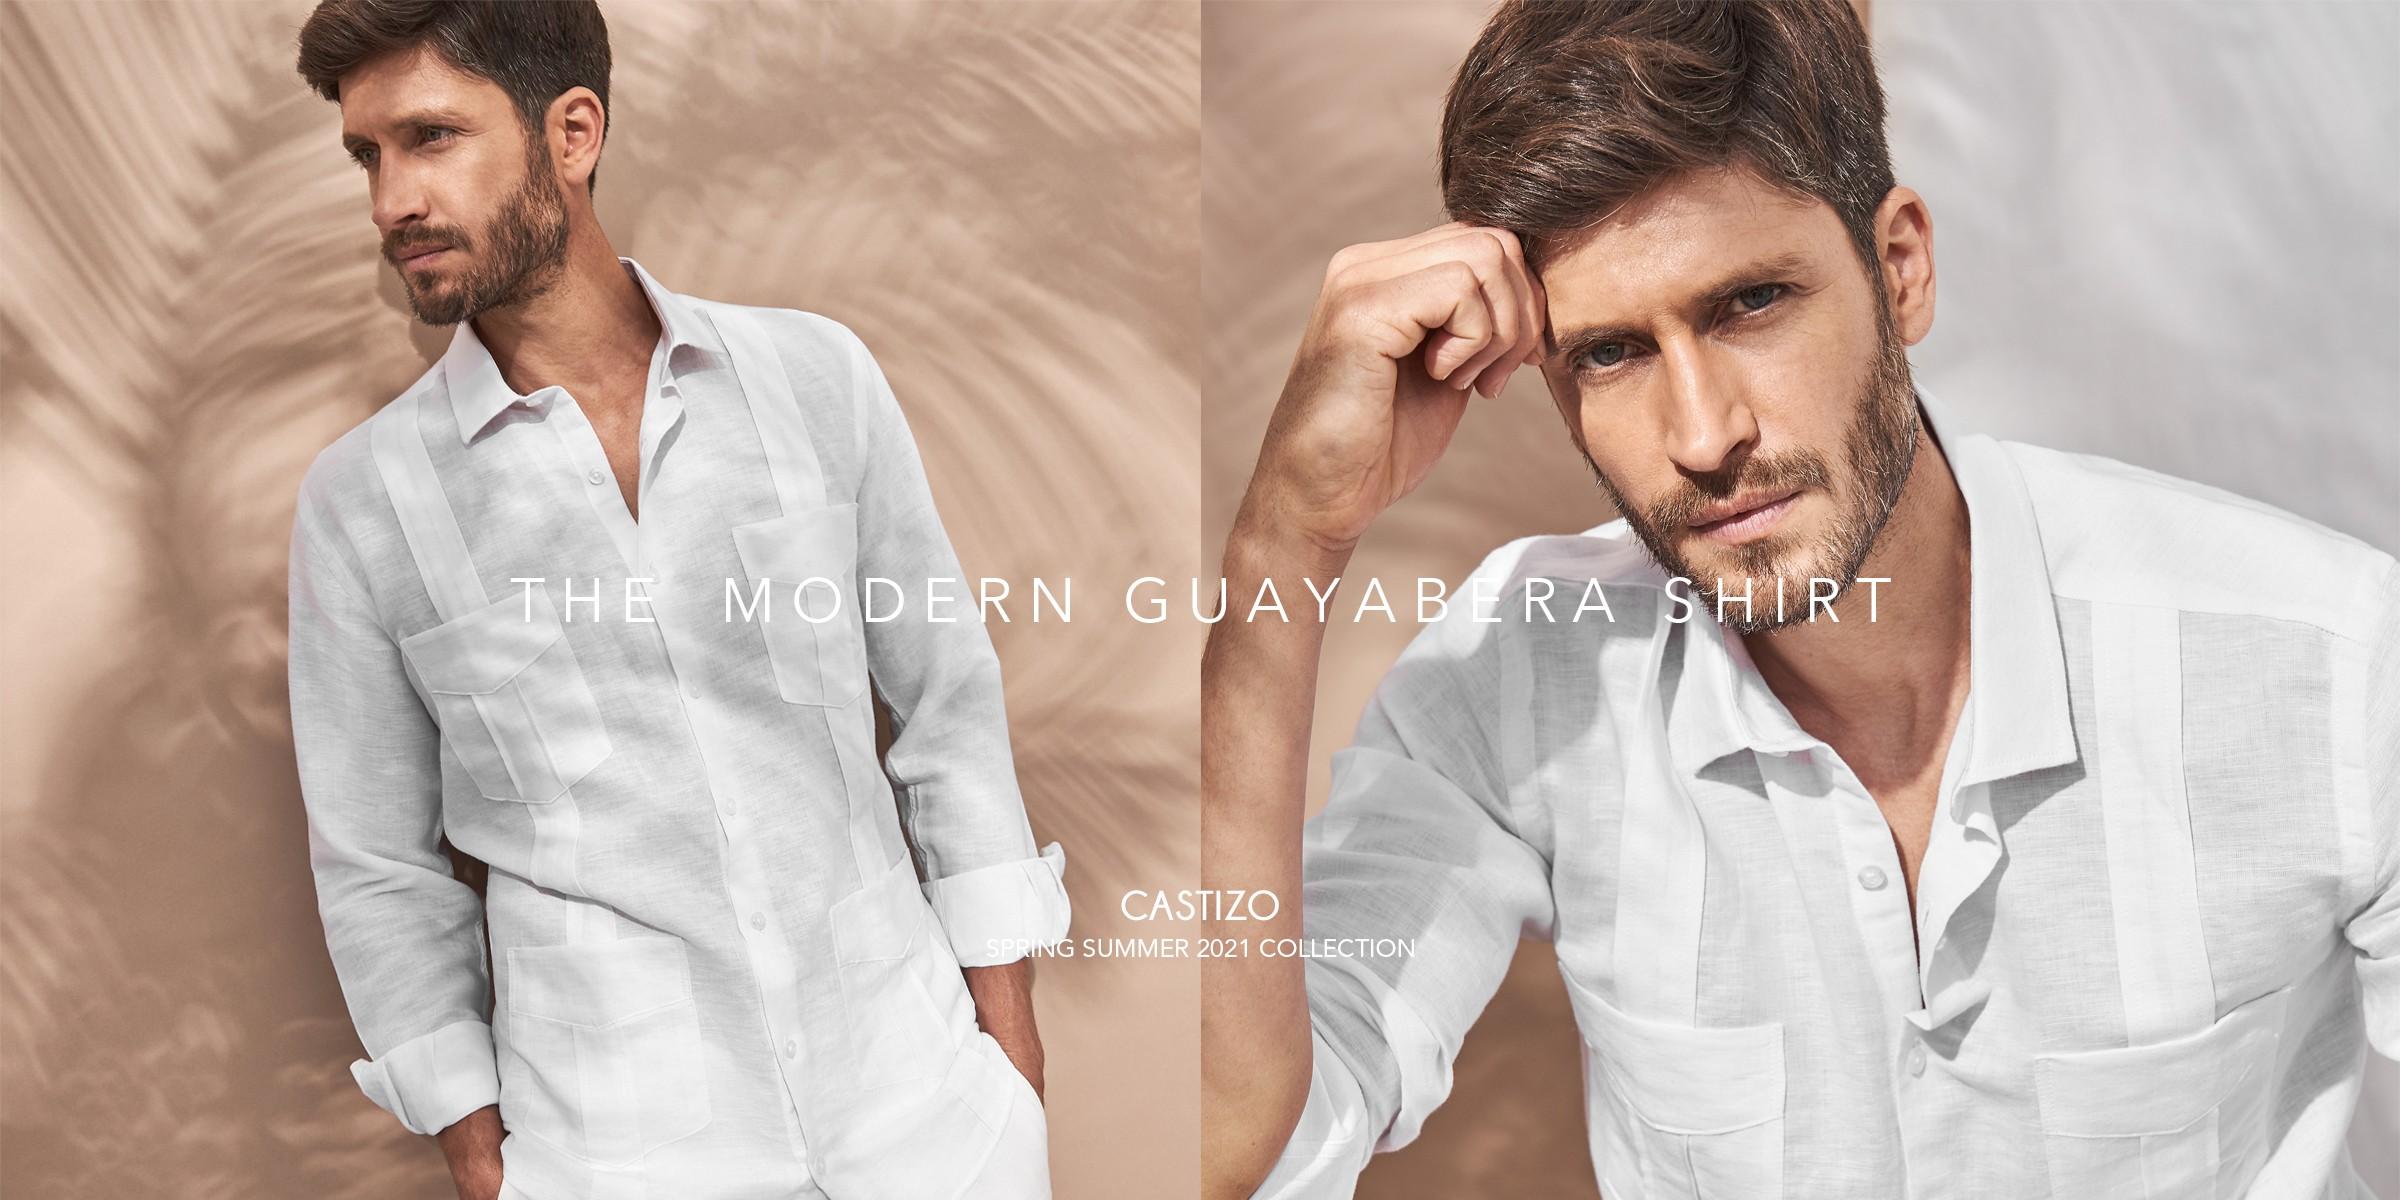 The Modern Guayabera Shirt